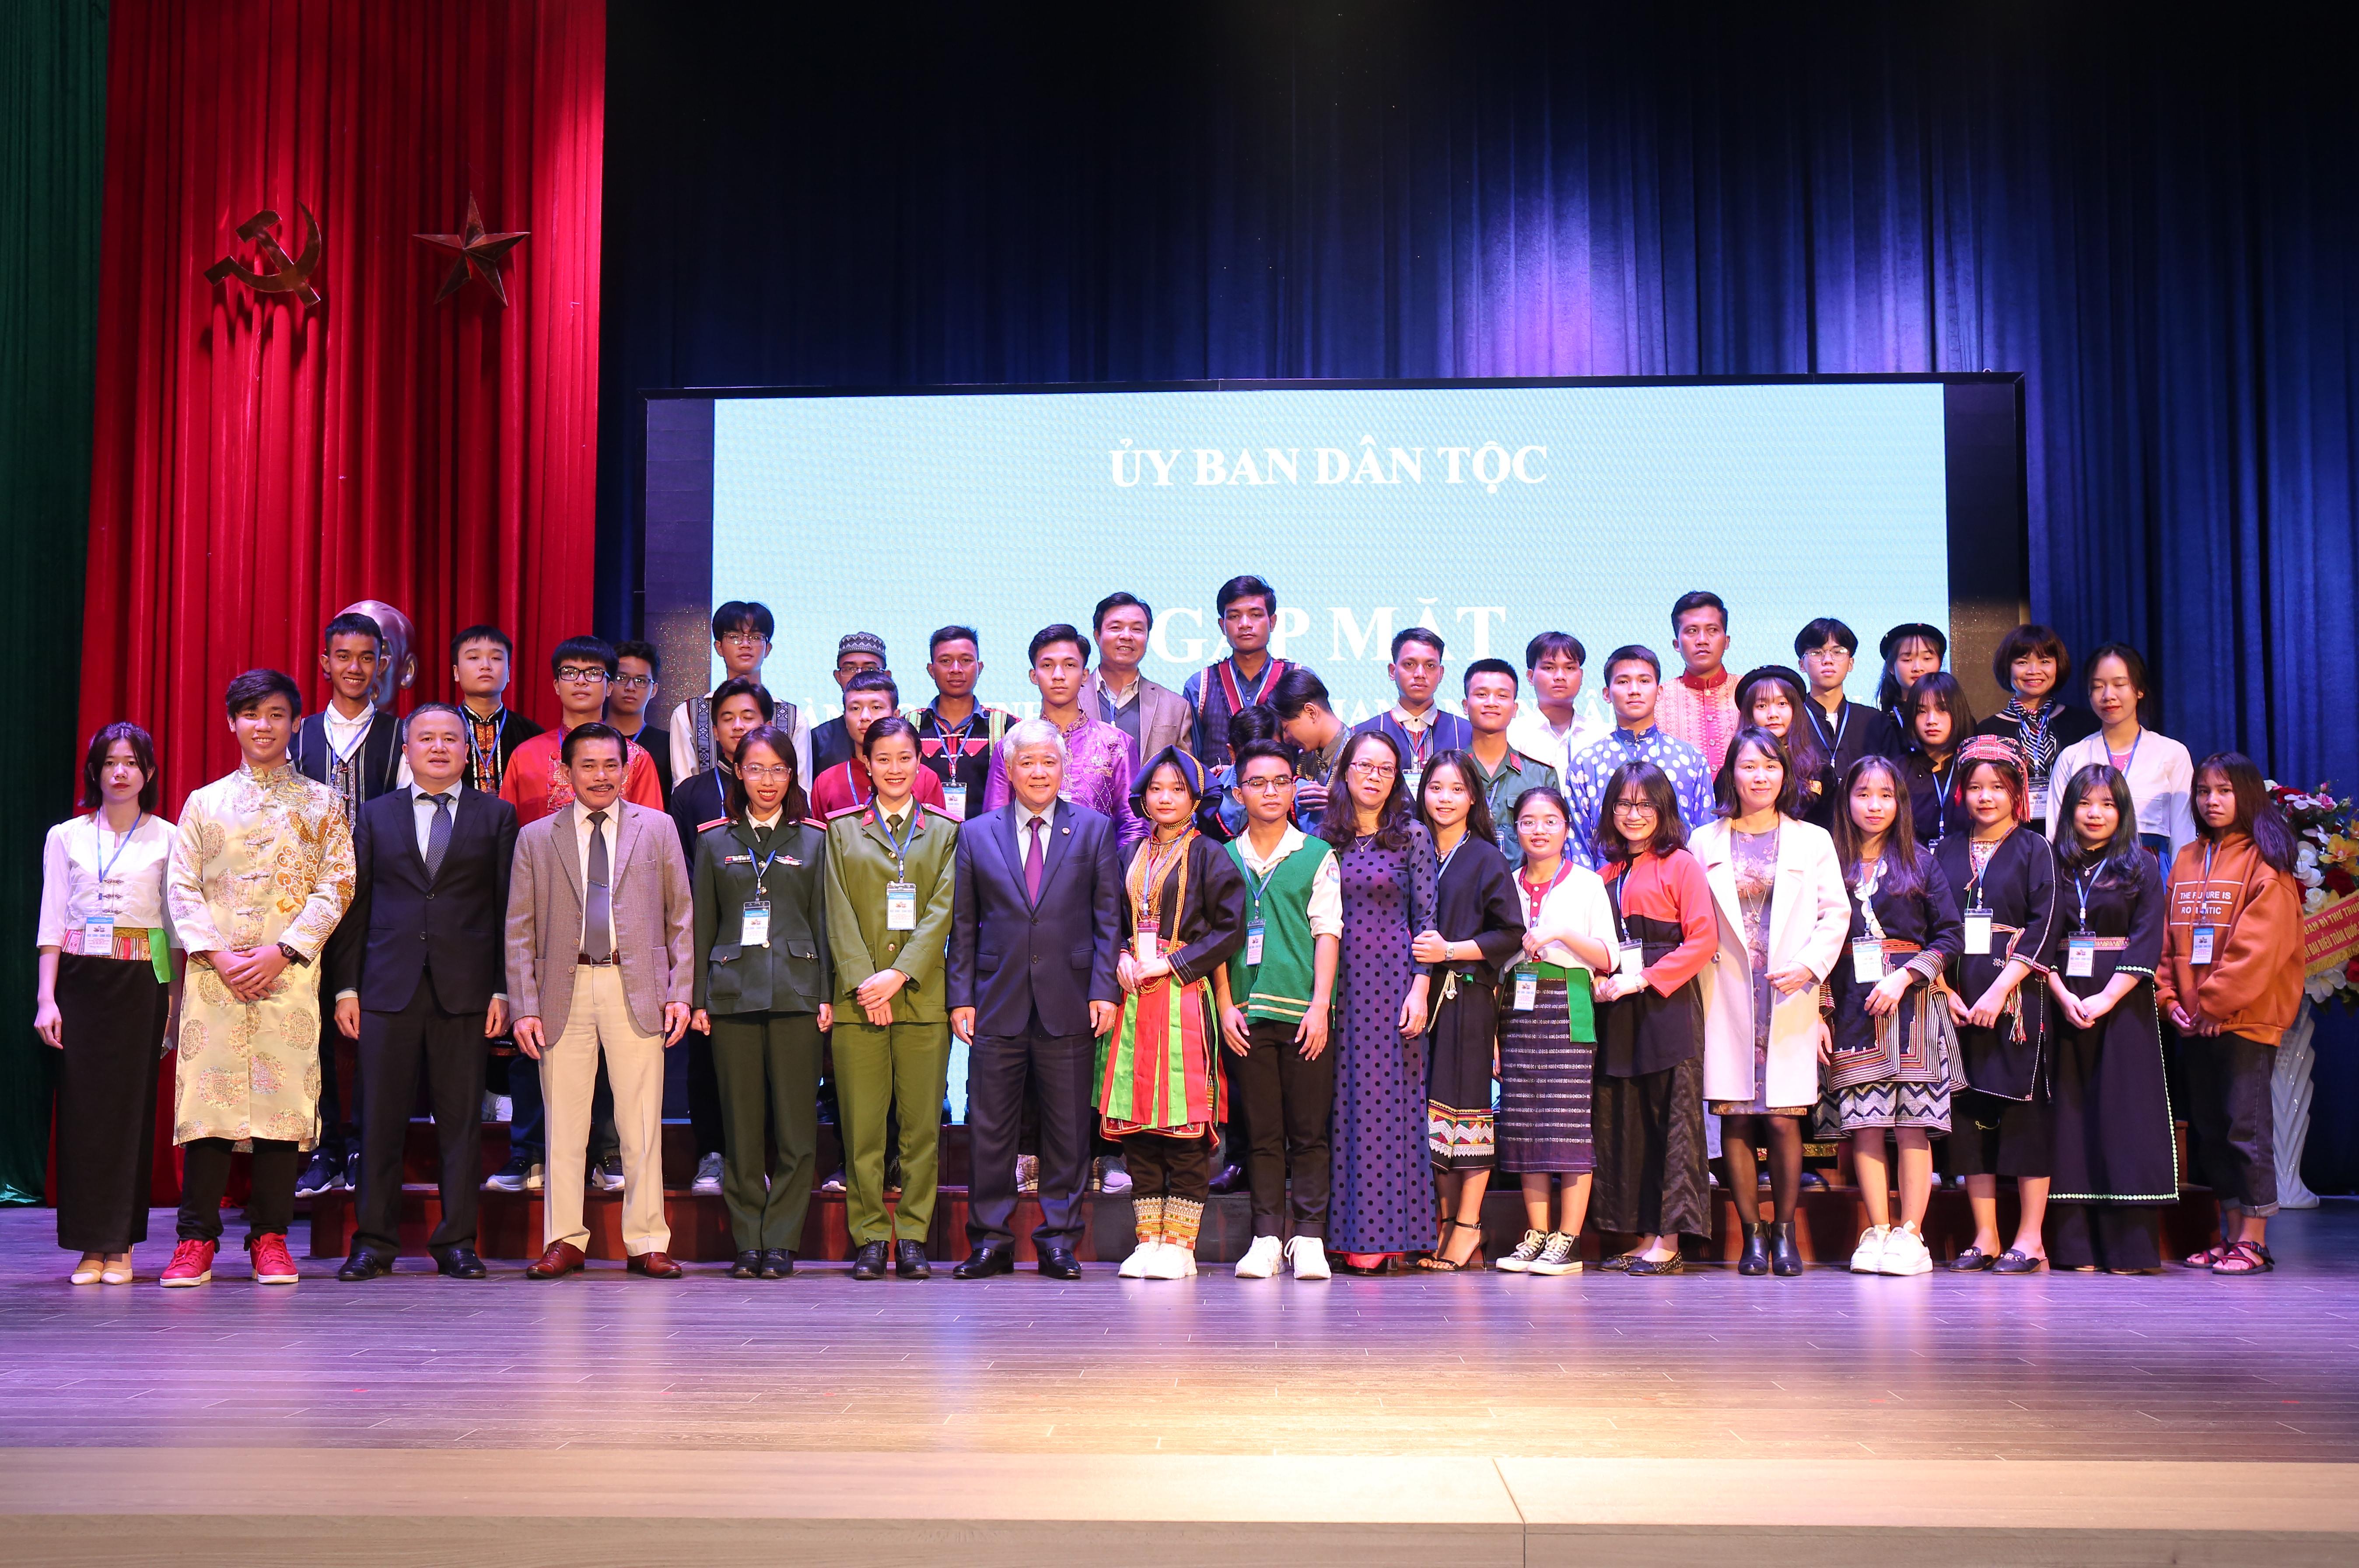 Bộ trưởng, Chủ nhiệm Đỗ Văn Chiến và Thứ trưởng, Phó Chủ nhiệm Hoàng Thị Hạnh cùng các thành viên Ban Chỉ đạo, Ban Tổ chức chụp ảnh lưu niệm với HS, SV, TN DTTS tại buổi gặp mặt.